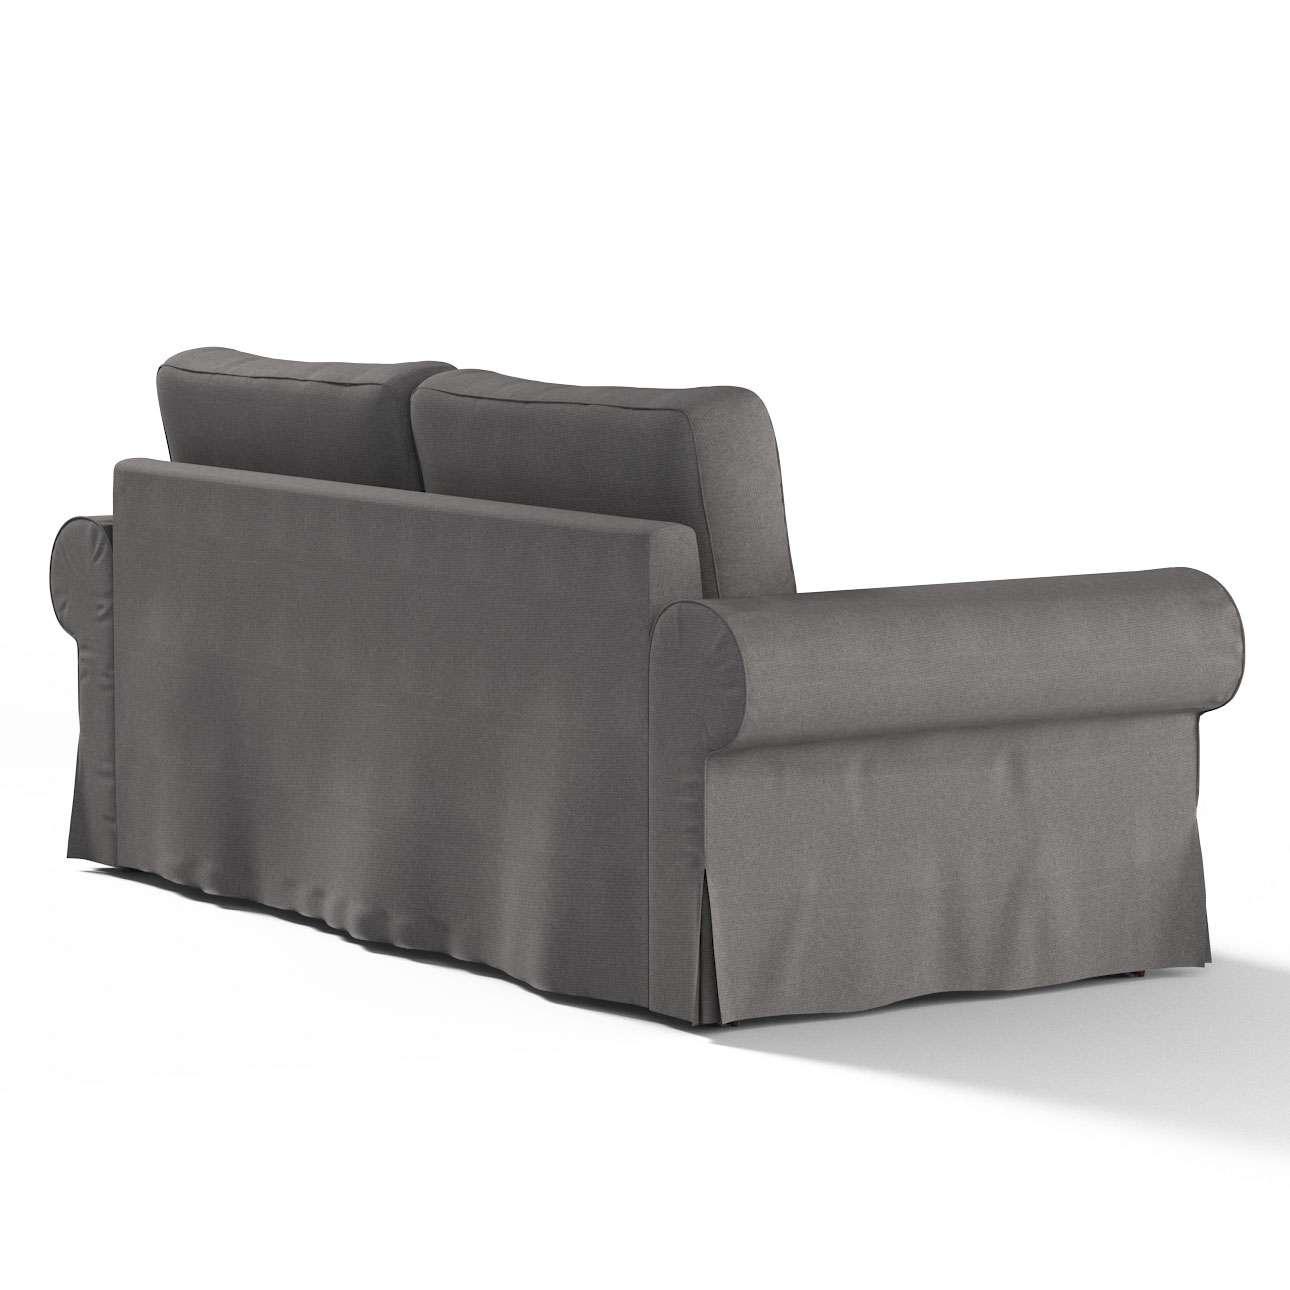 Pokrowiec na sofę Backabro 3-osobową rozkładaną sofa Backabro 3-osobowa rozkładana w kolekcji Etna , tkanina: 705-35